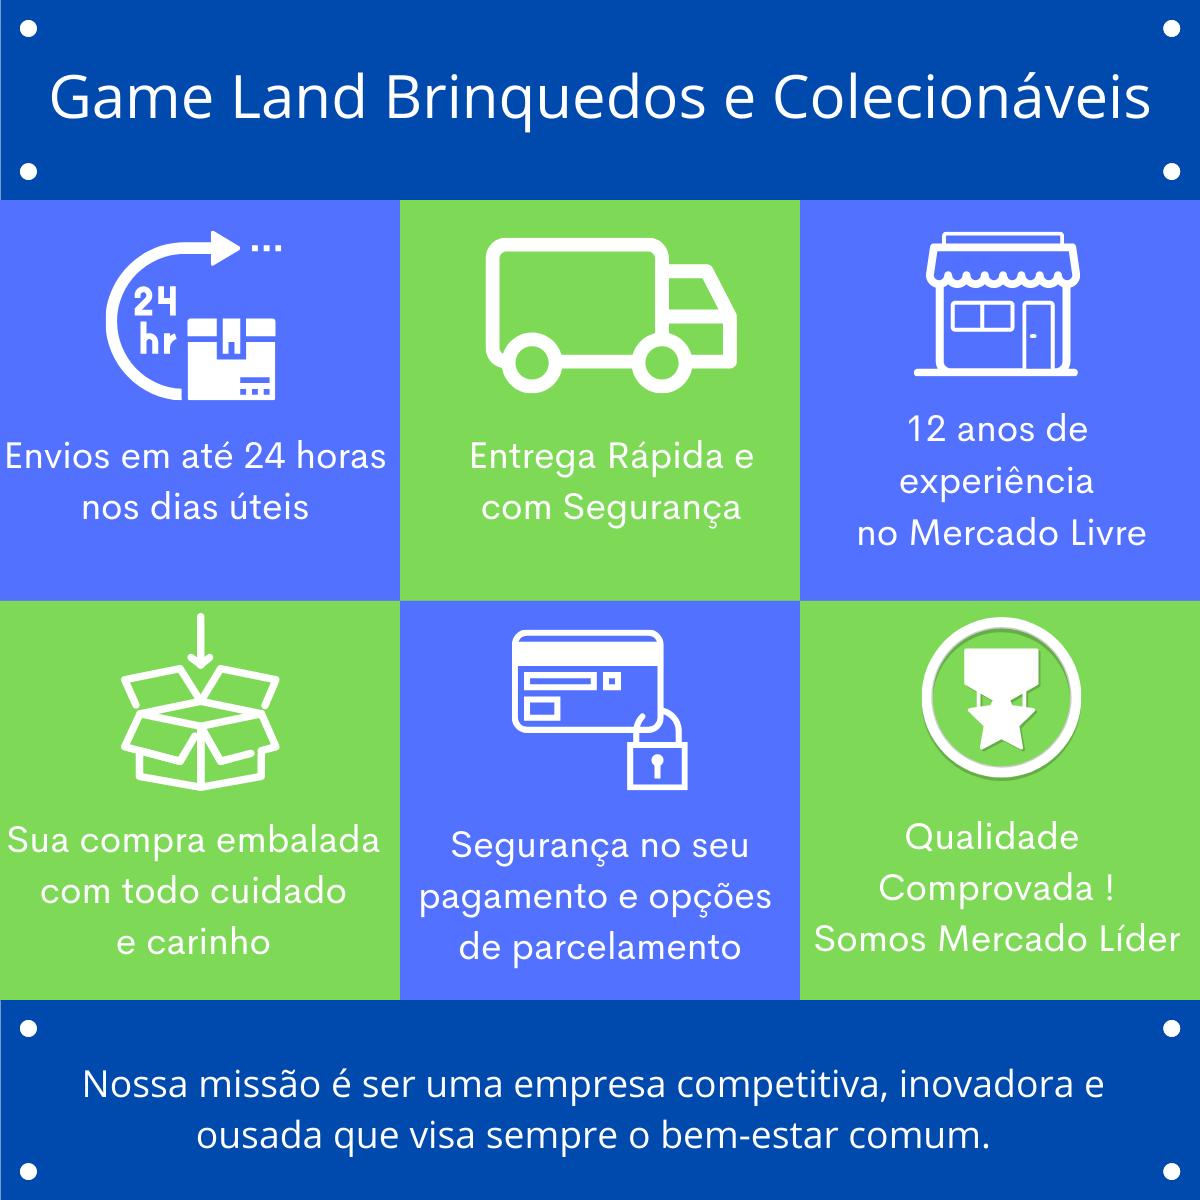 Kit Brinquedo em Pelúcia Dinossauro com 2 bonecos lavavel e antialérgico  - Game Land Brinquedos